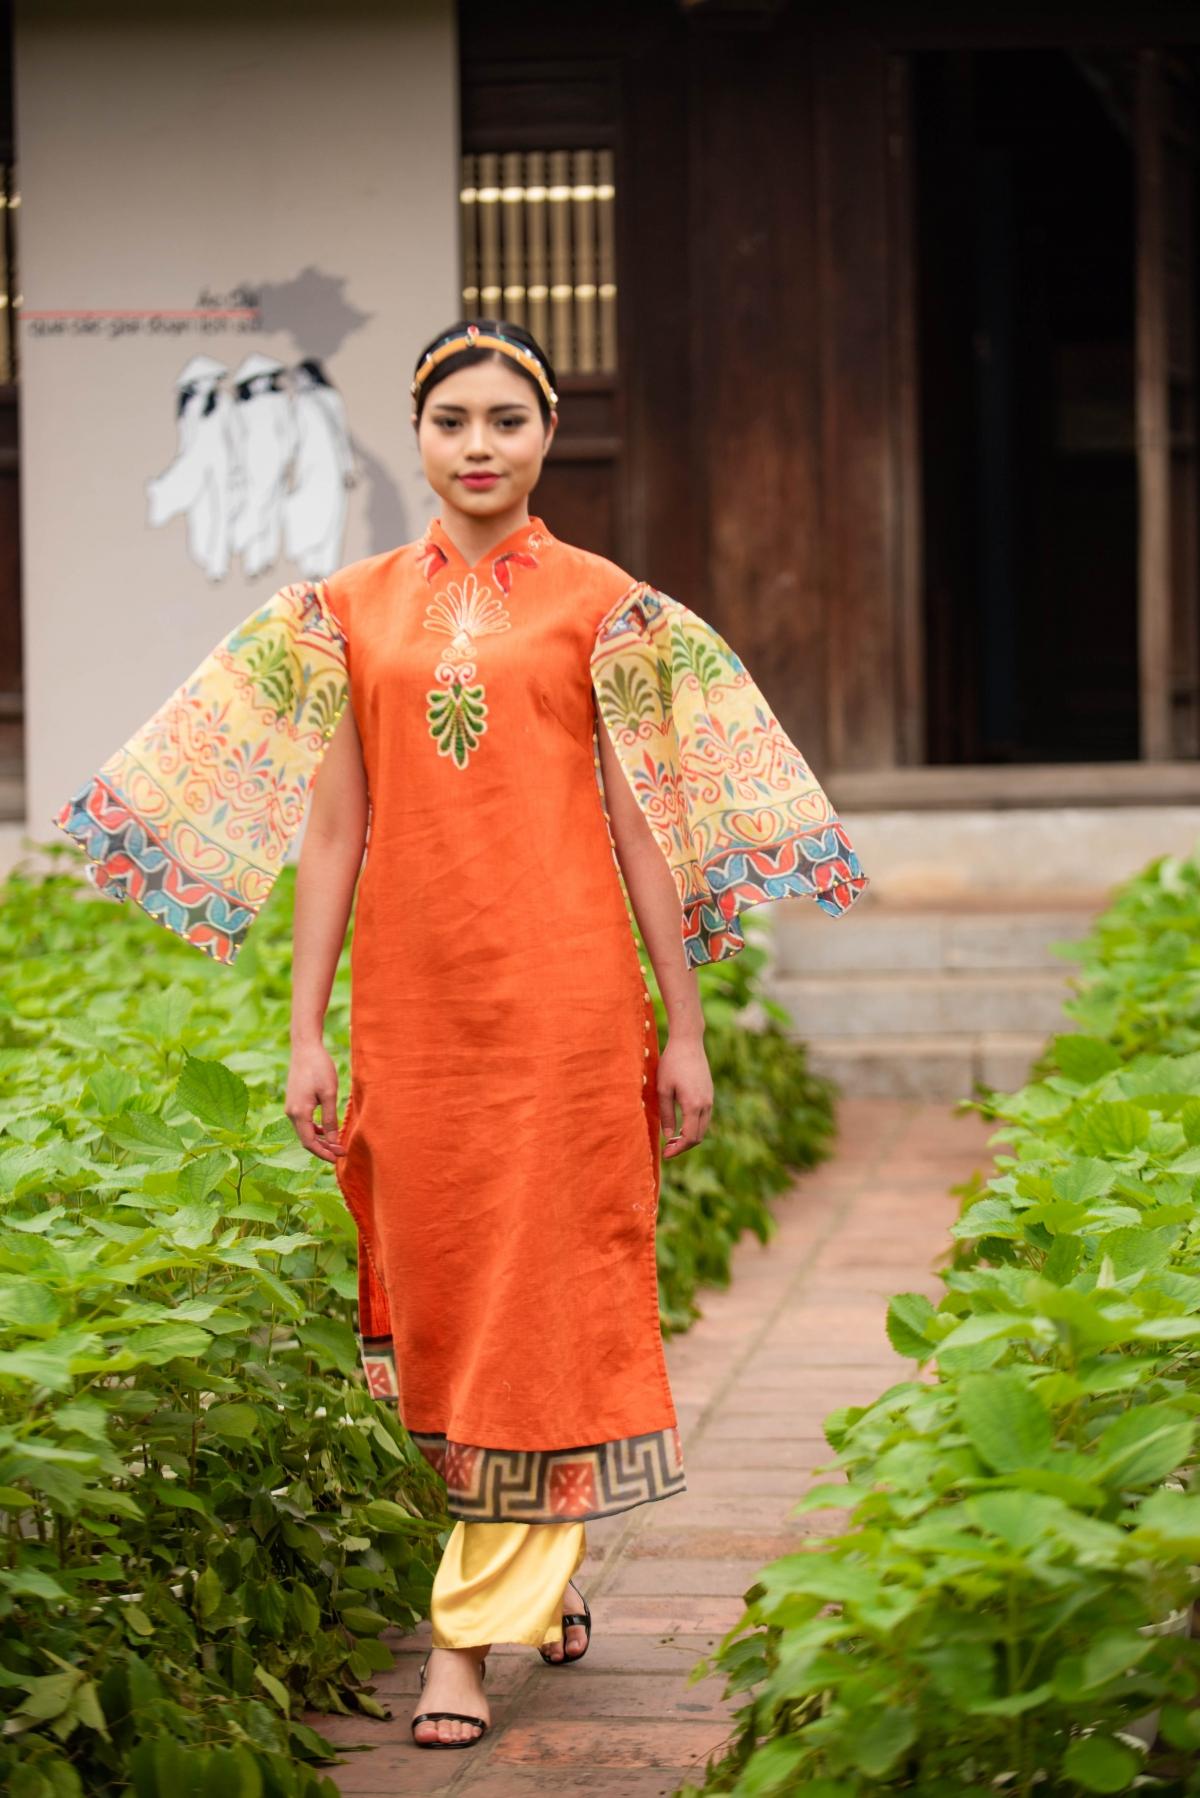 Tất cả những bộ sưu tập sẽ được thực hiện bằng chất liệu truyền thống Việt Nam như lụa, vải gai.